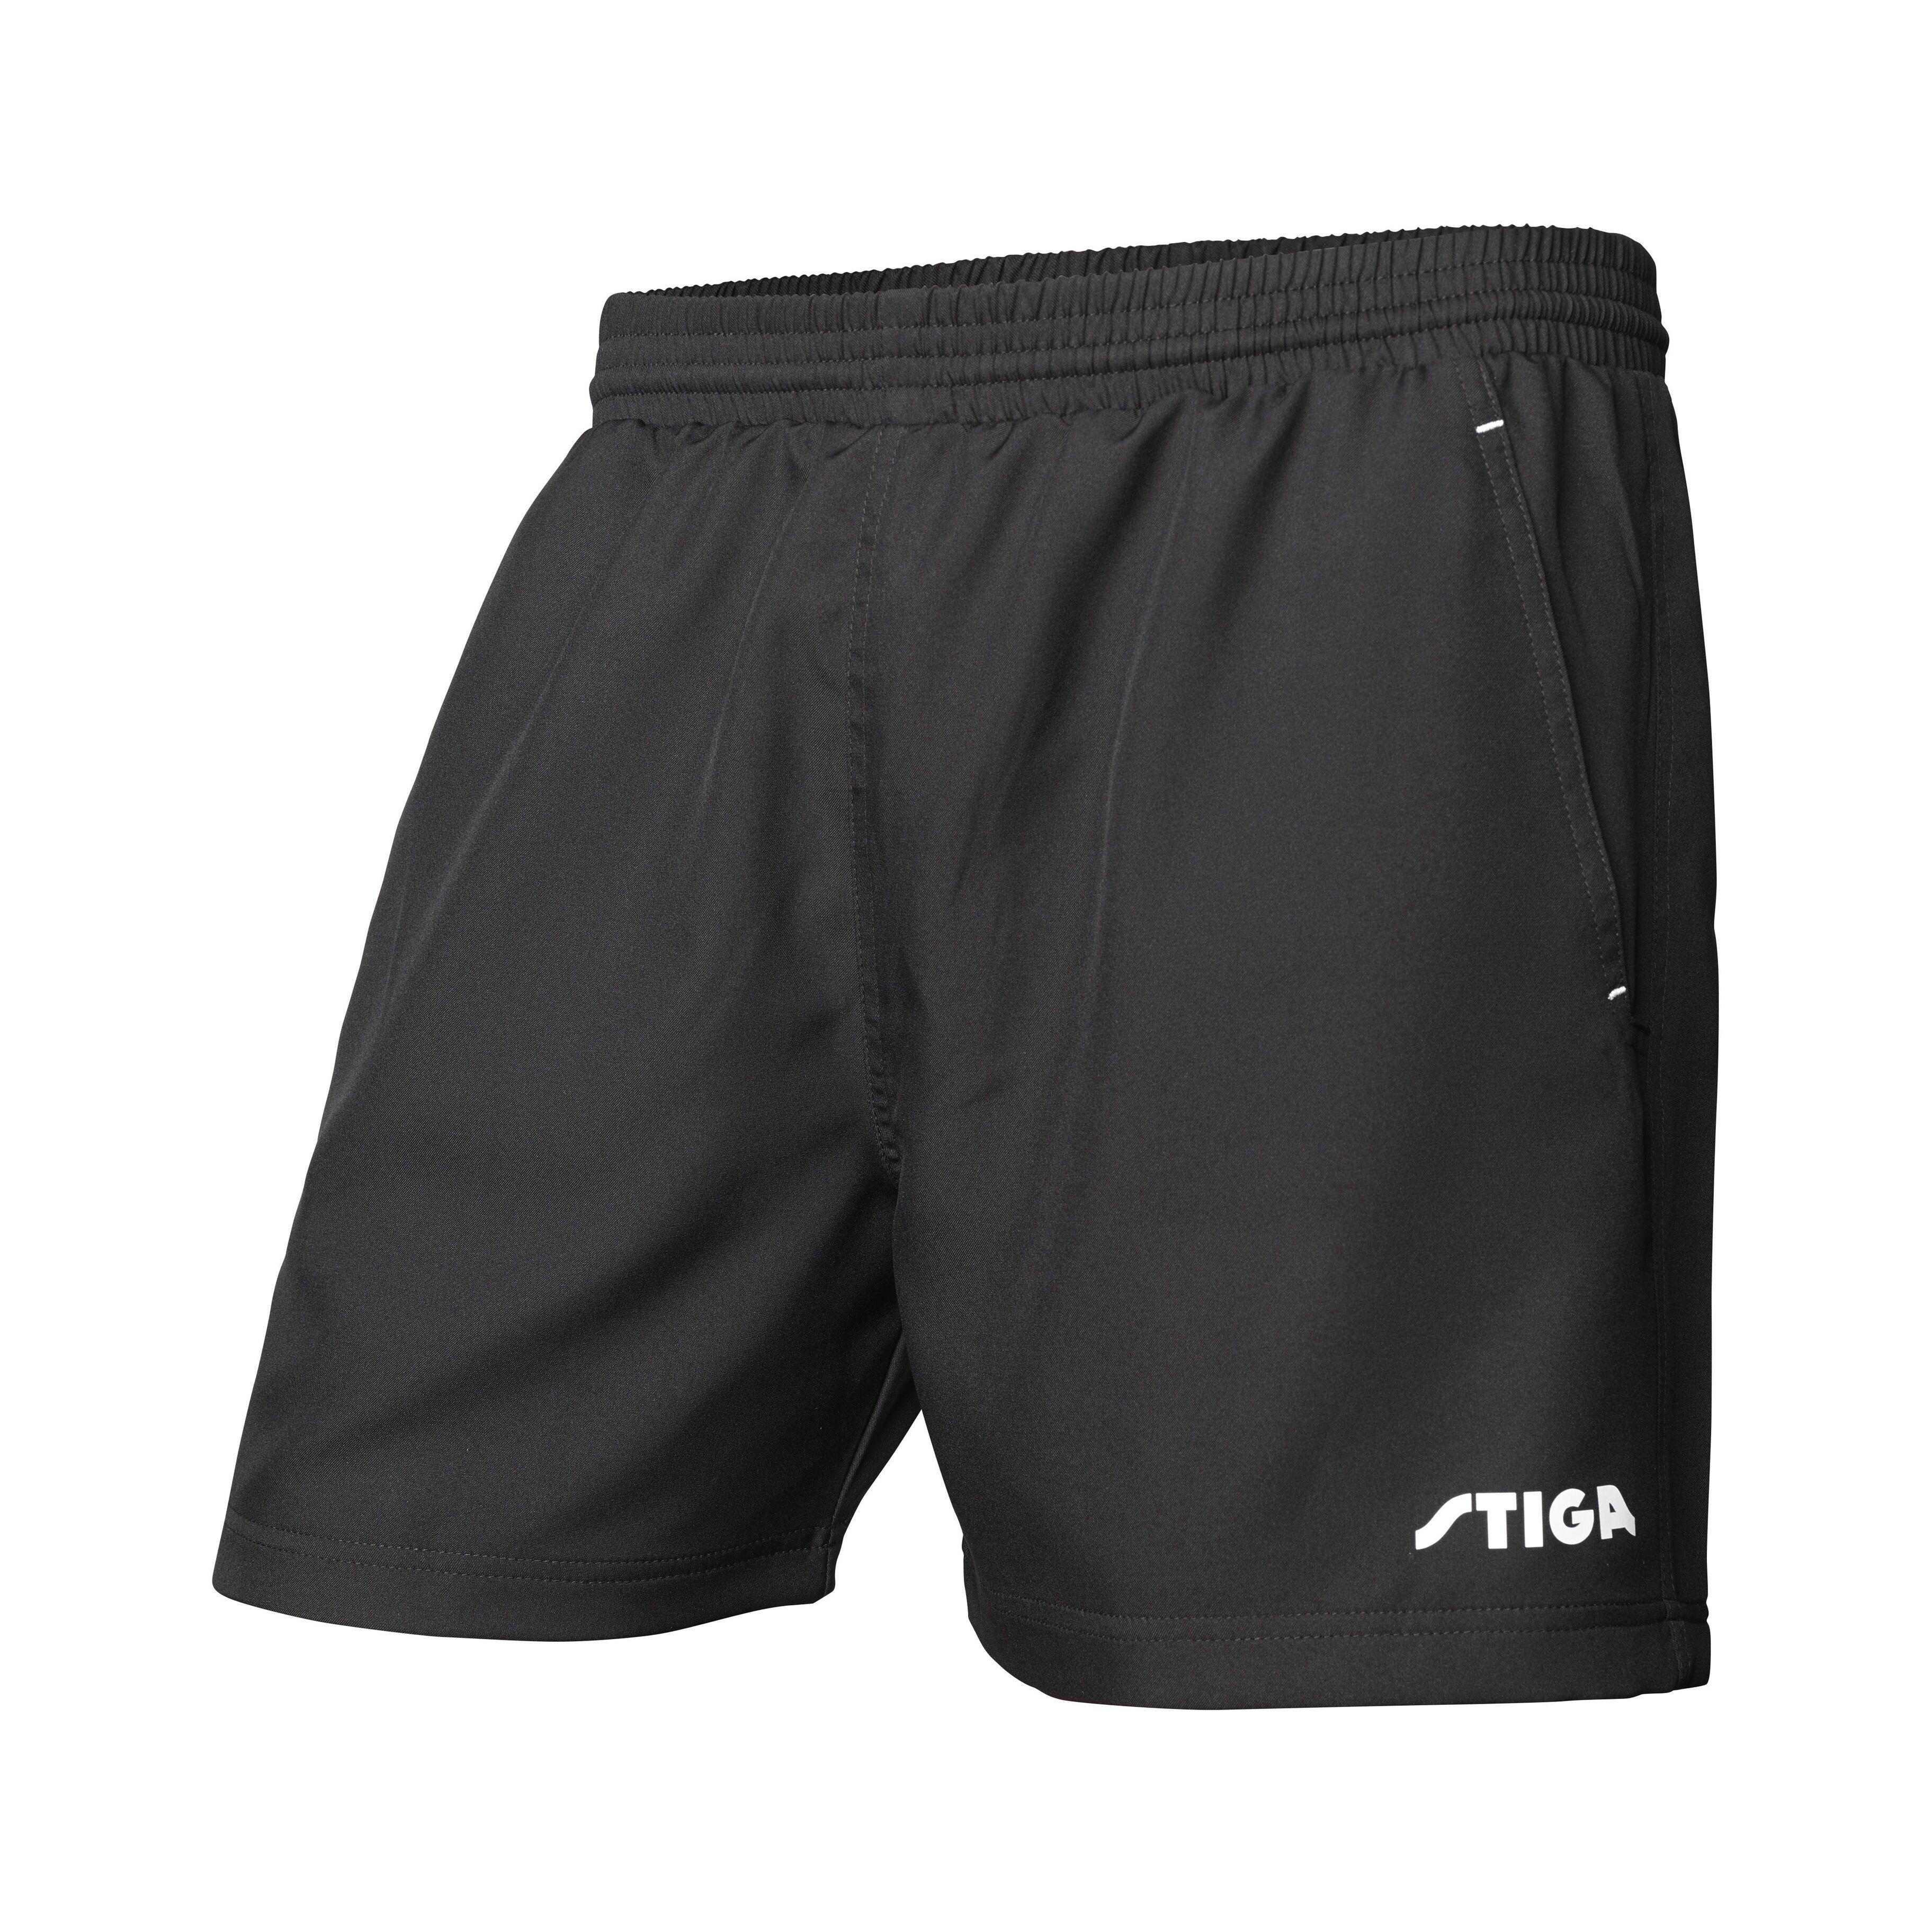 Stiga Marine Black Shorts XL